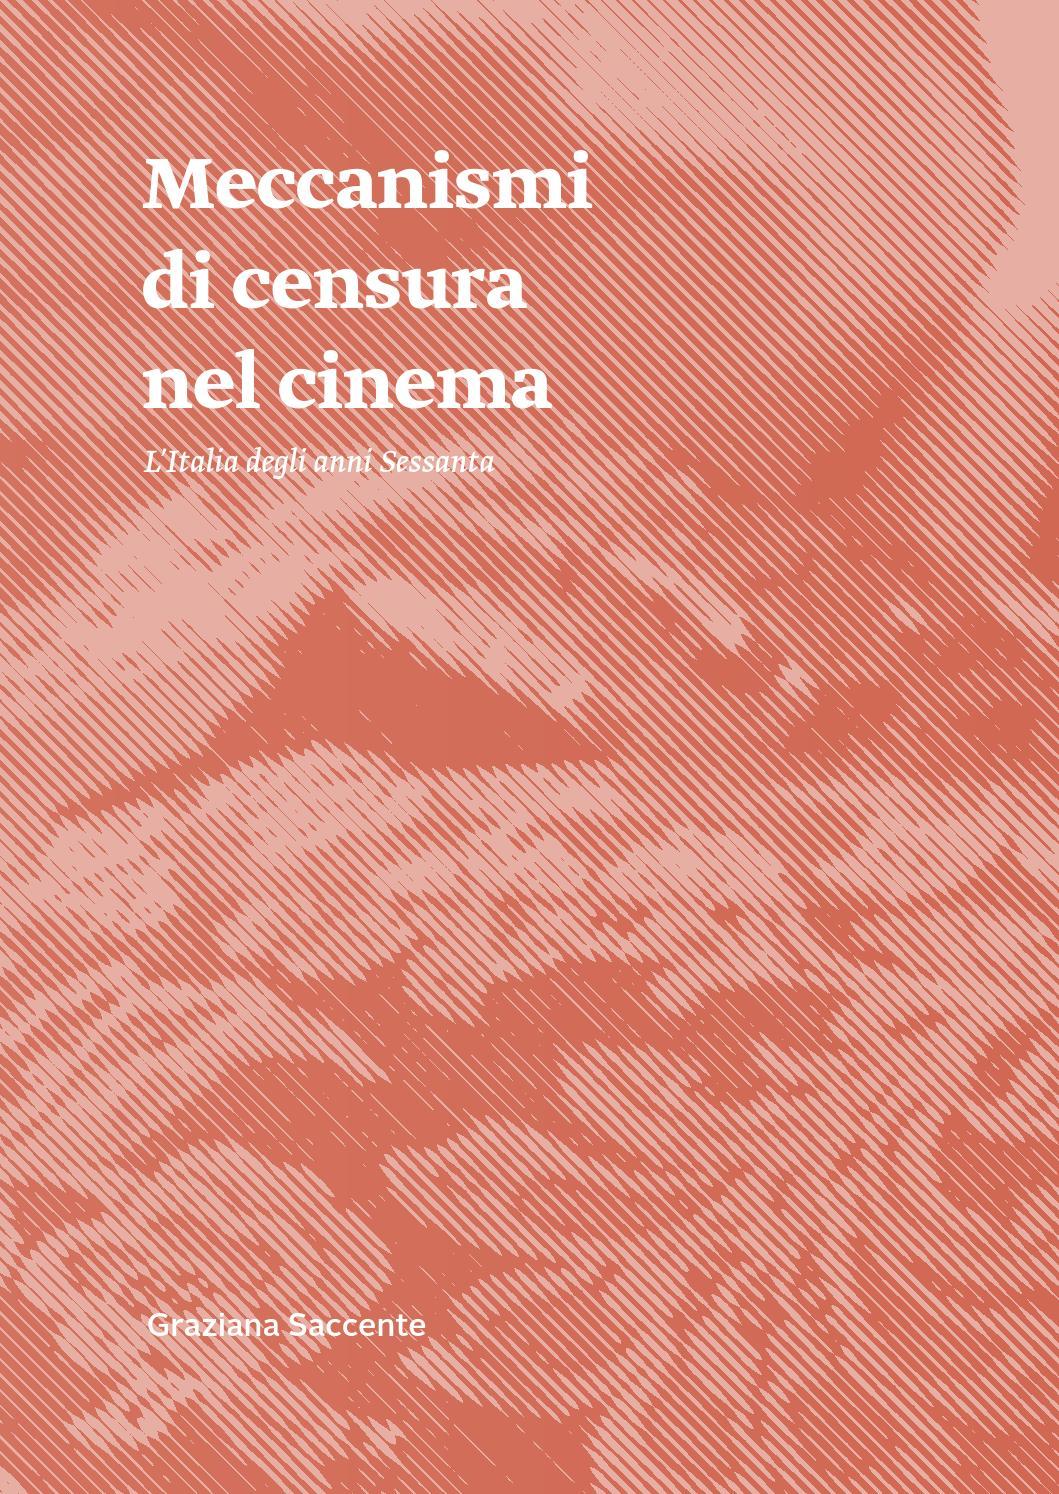 Meccanismi di censura nel cinema. L'Italia degli anni